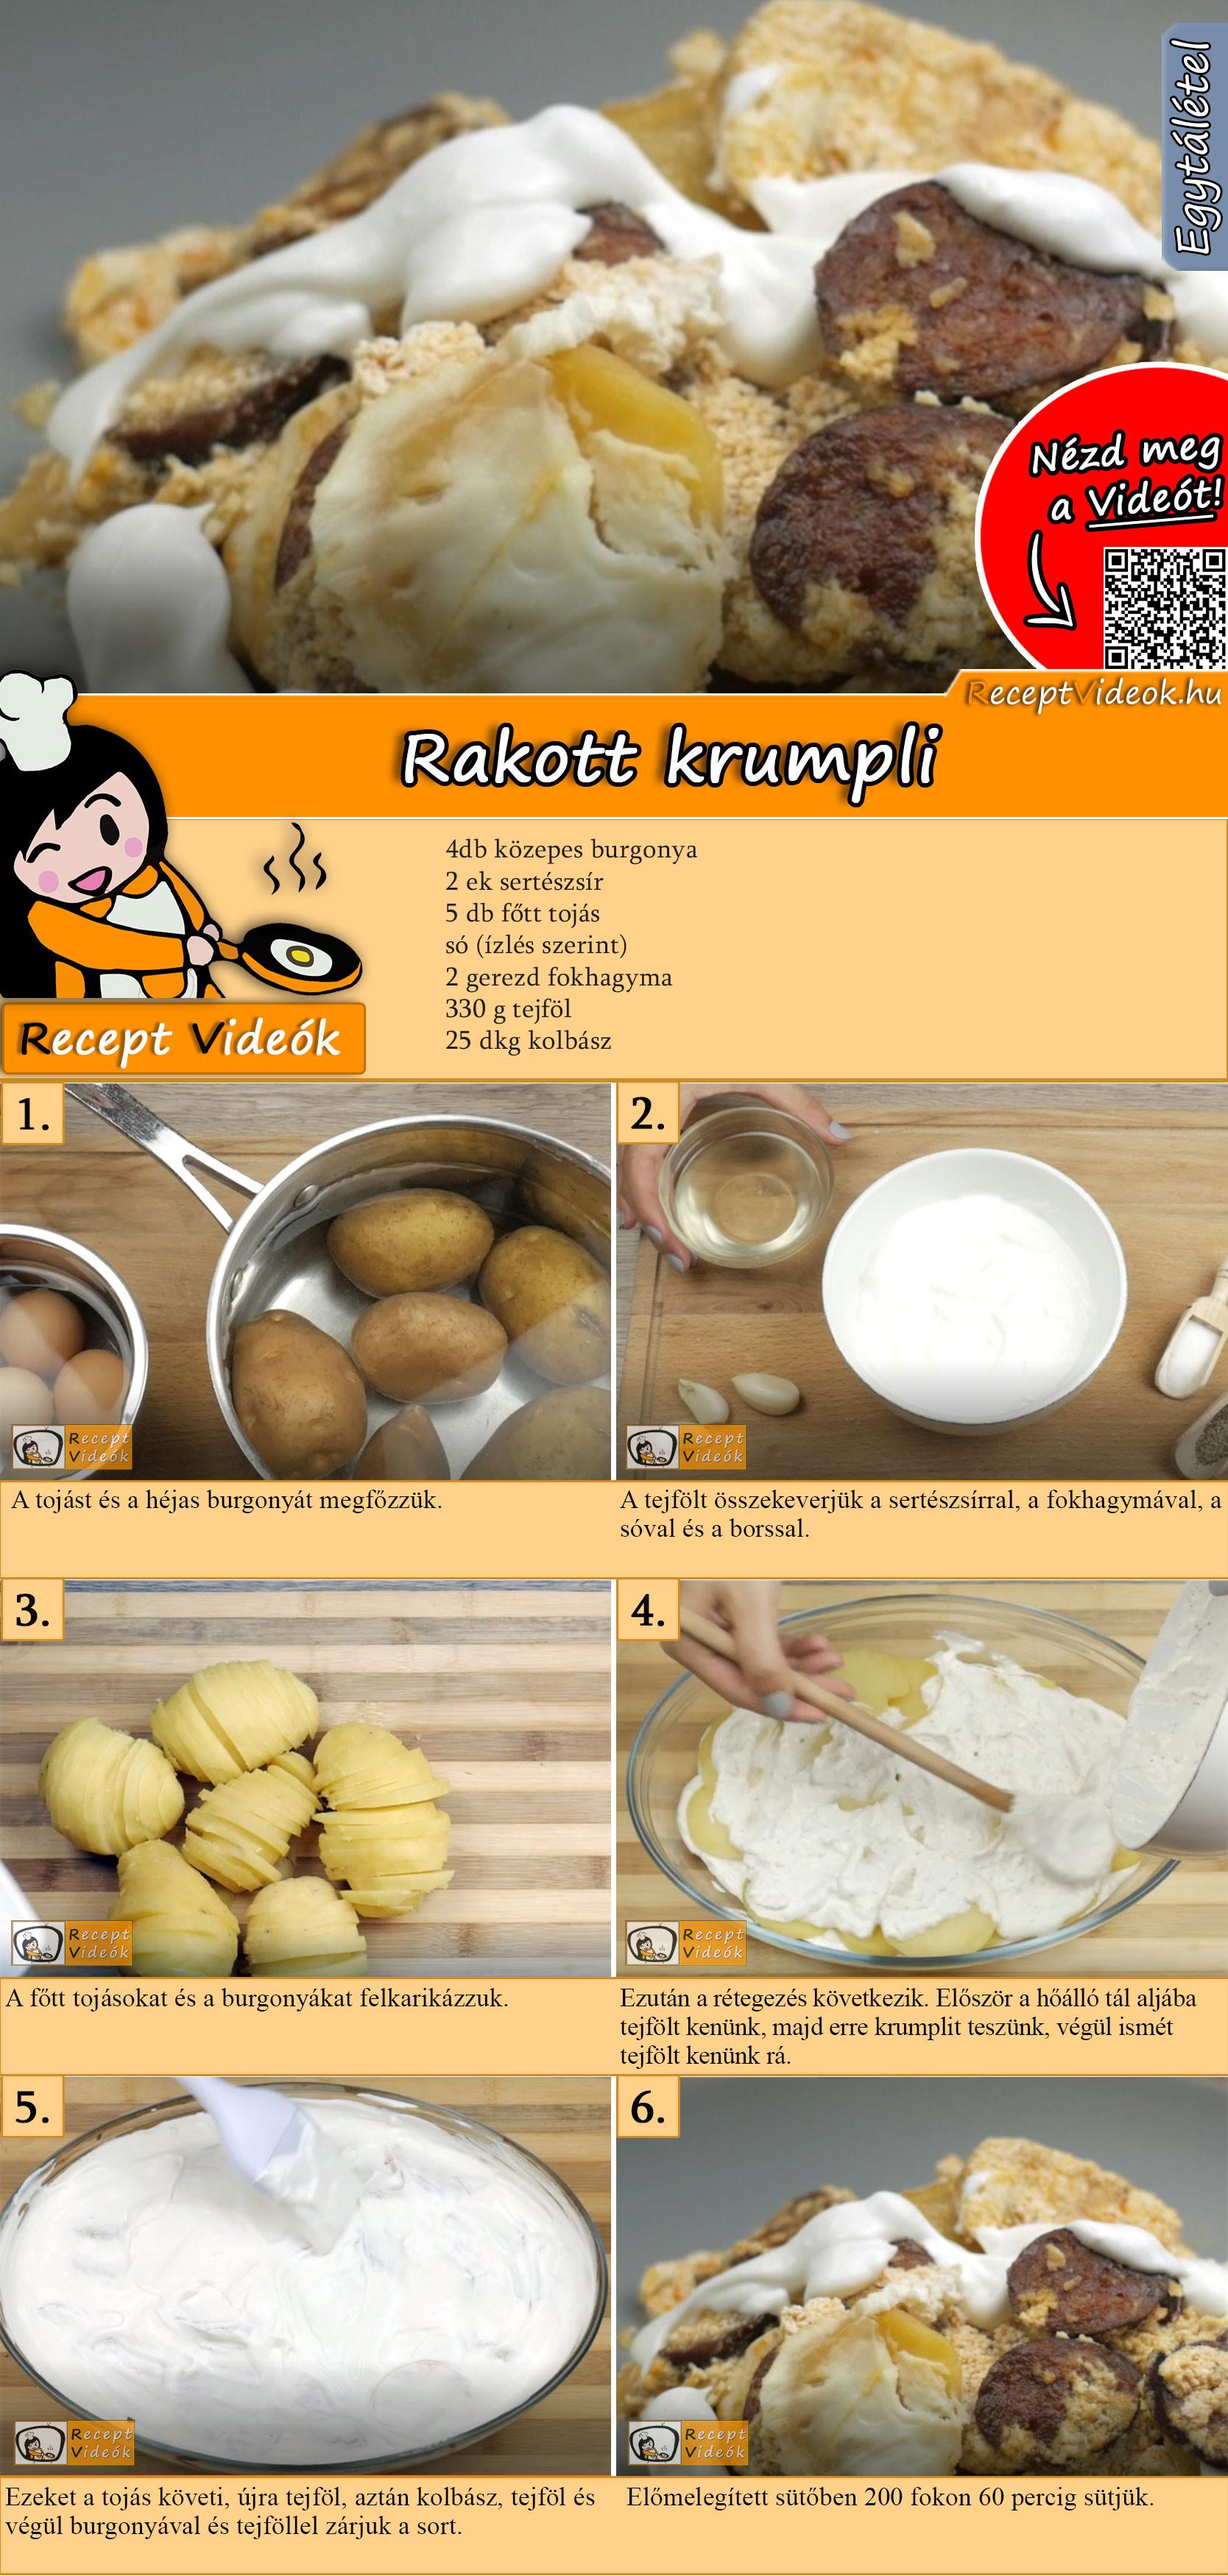 Rakott krumpli recept elkészítése videóval